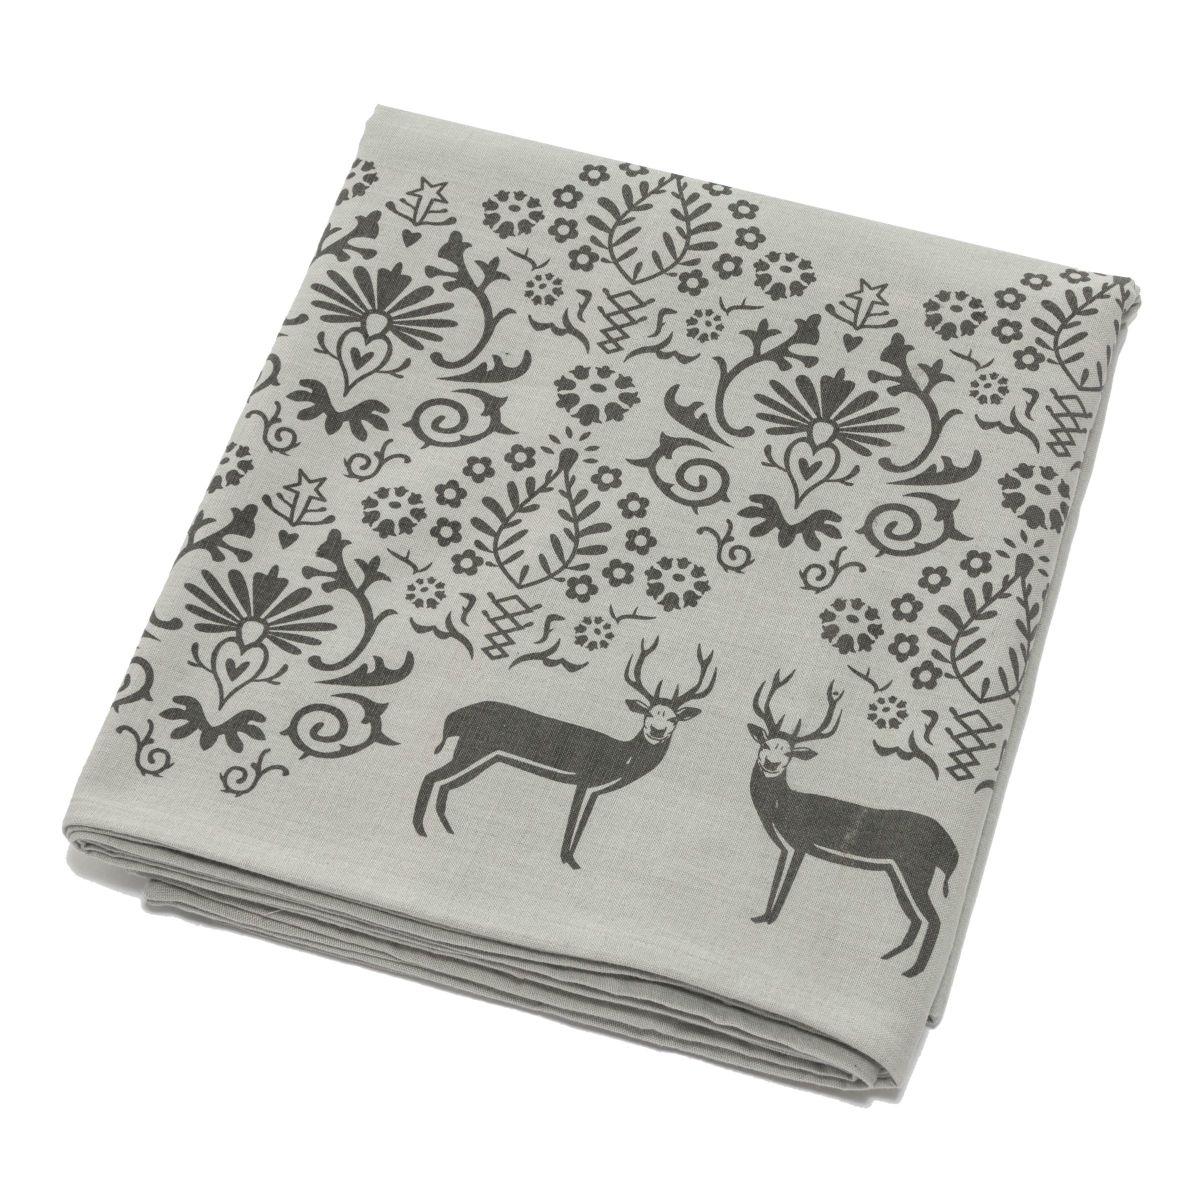 tischdecke arosa 100 baumwolle ca l250xb150 cm einfach geschenke. Black Bedroom Furniture Sets. Home Design Ideas